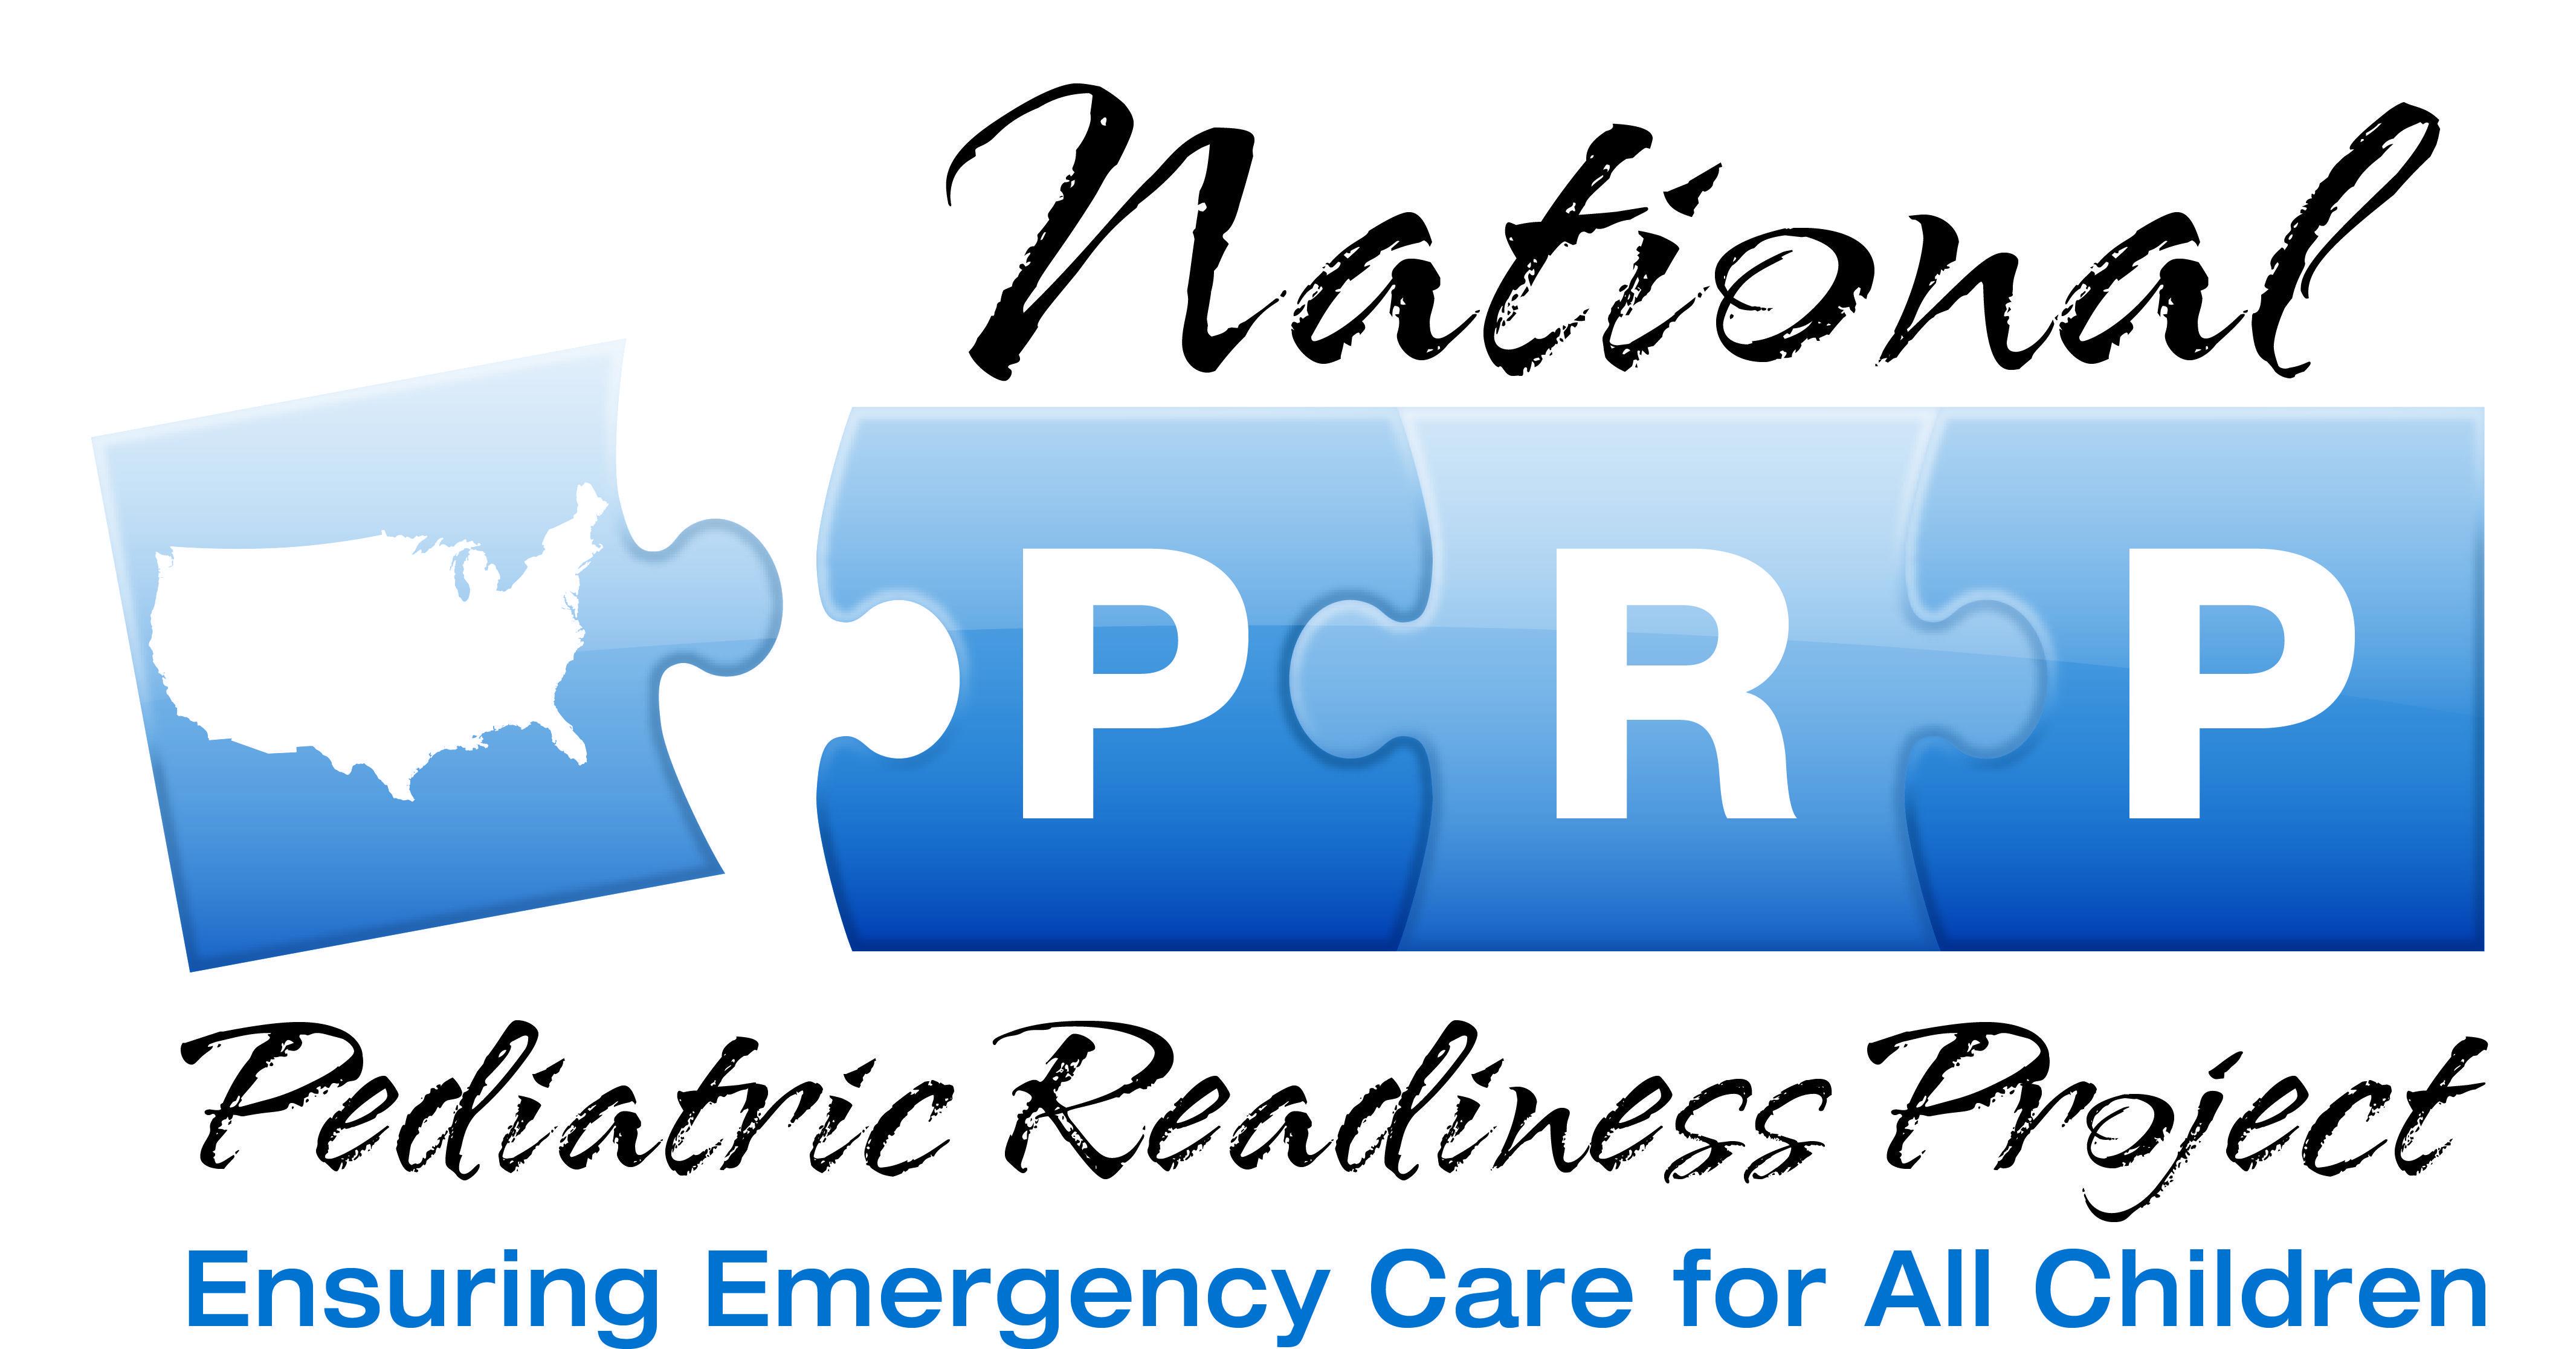 NPRP_Logo_Final_cmyk_300dpi.original.original.jpg